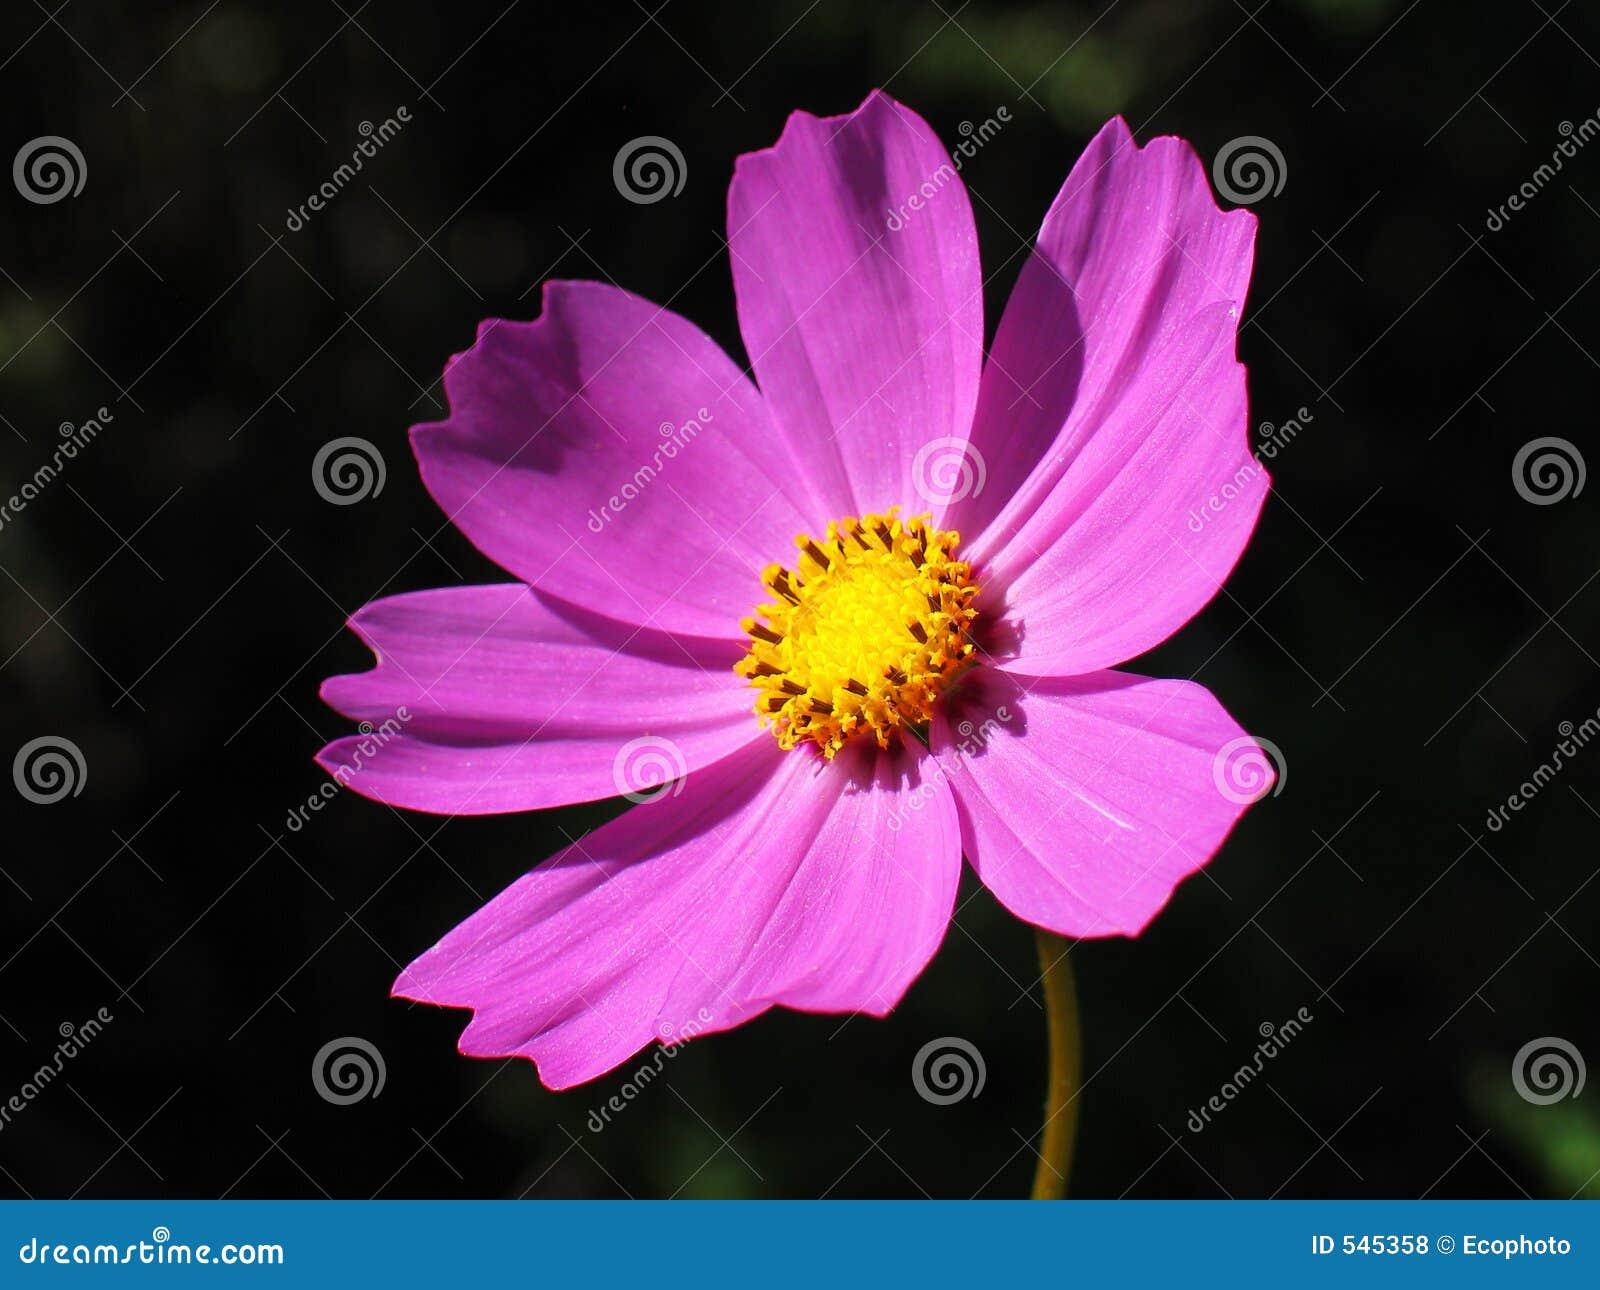 Download 波斯菊花粉红色 库存照片. 图片 包括有 有吸引力的, 特写镜头, 气味, 玻色子, 抗癌, 工厂, 本质, 雄芯花蕊 - 545358